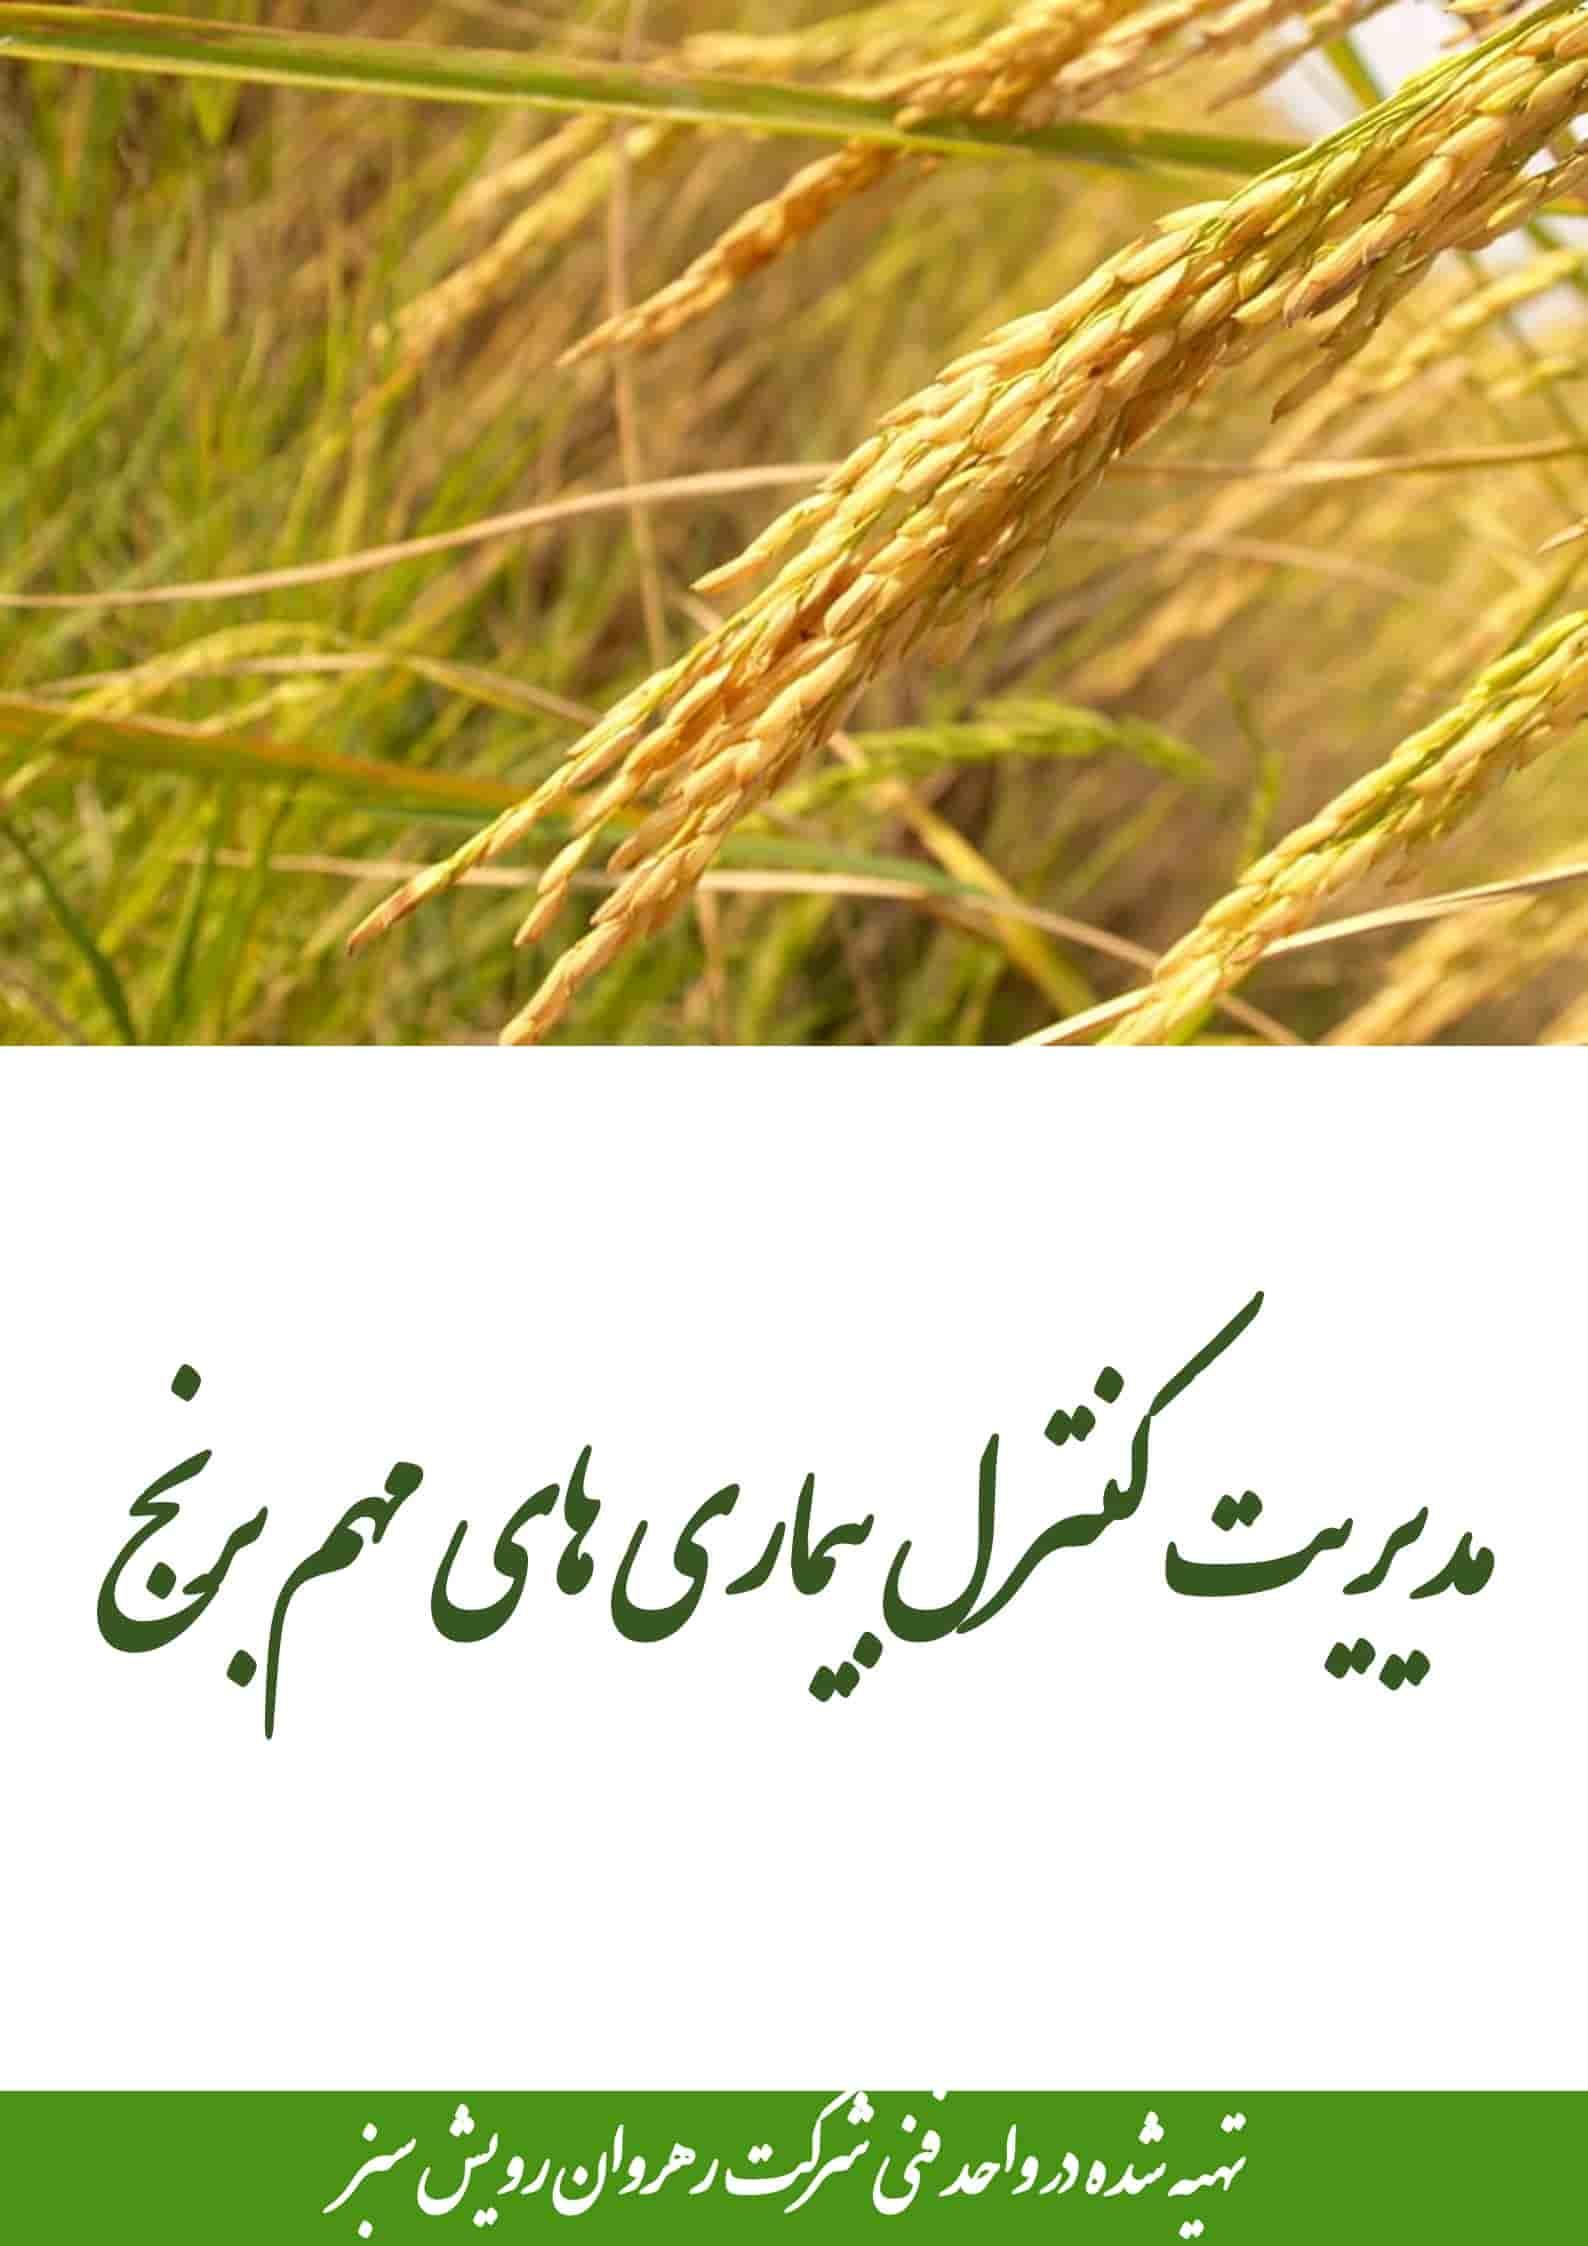 کنترل بیماری های مهم برنج